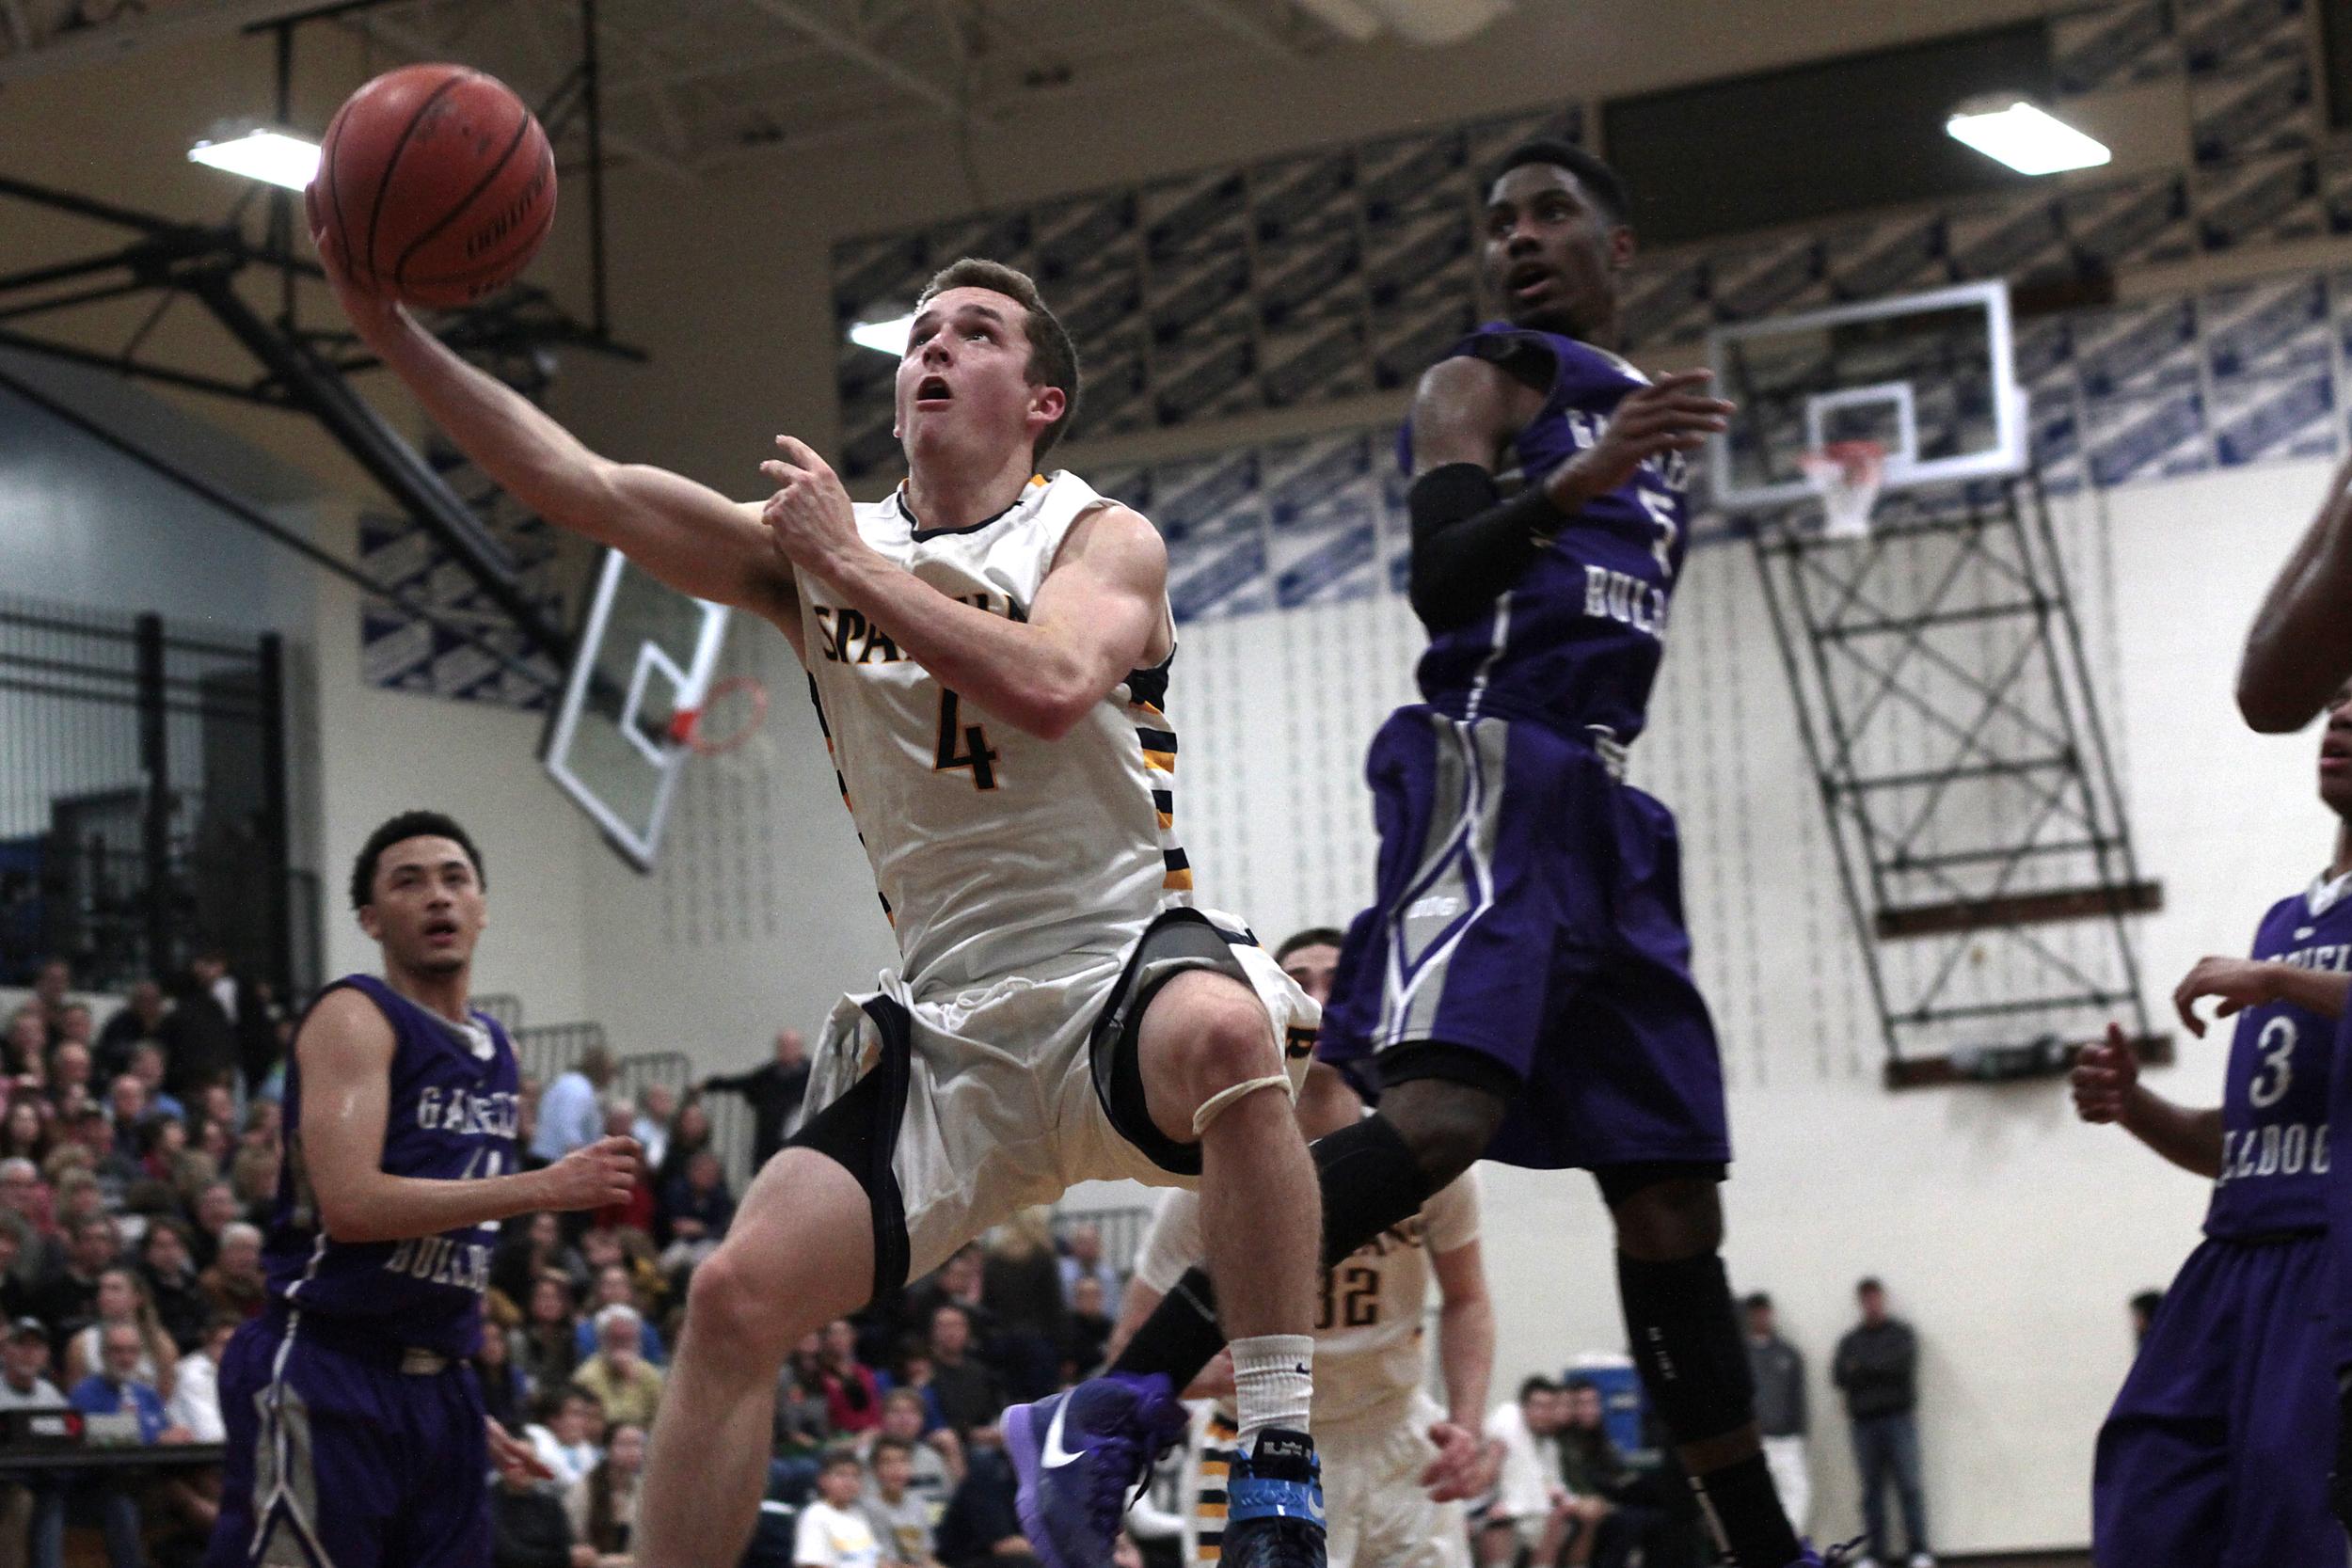 Bainbridge High School senior Blake Swanson reclaims the ball in the air during a high-flying basketball battle against Garfield High.